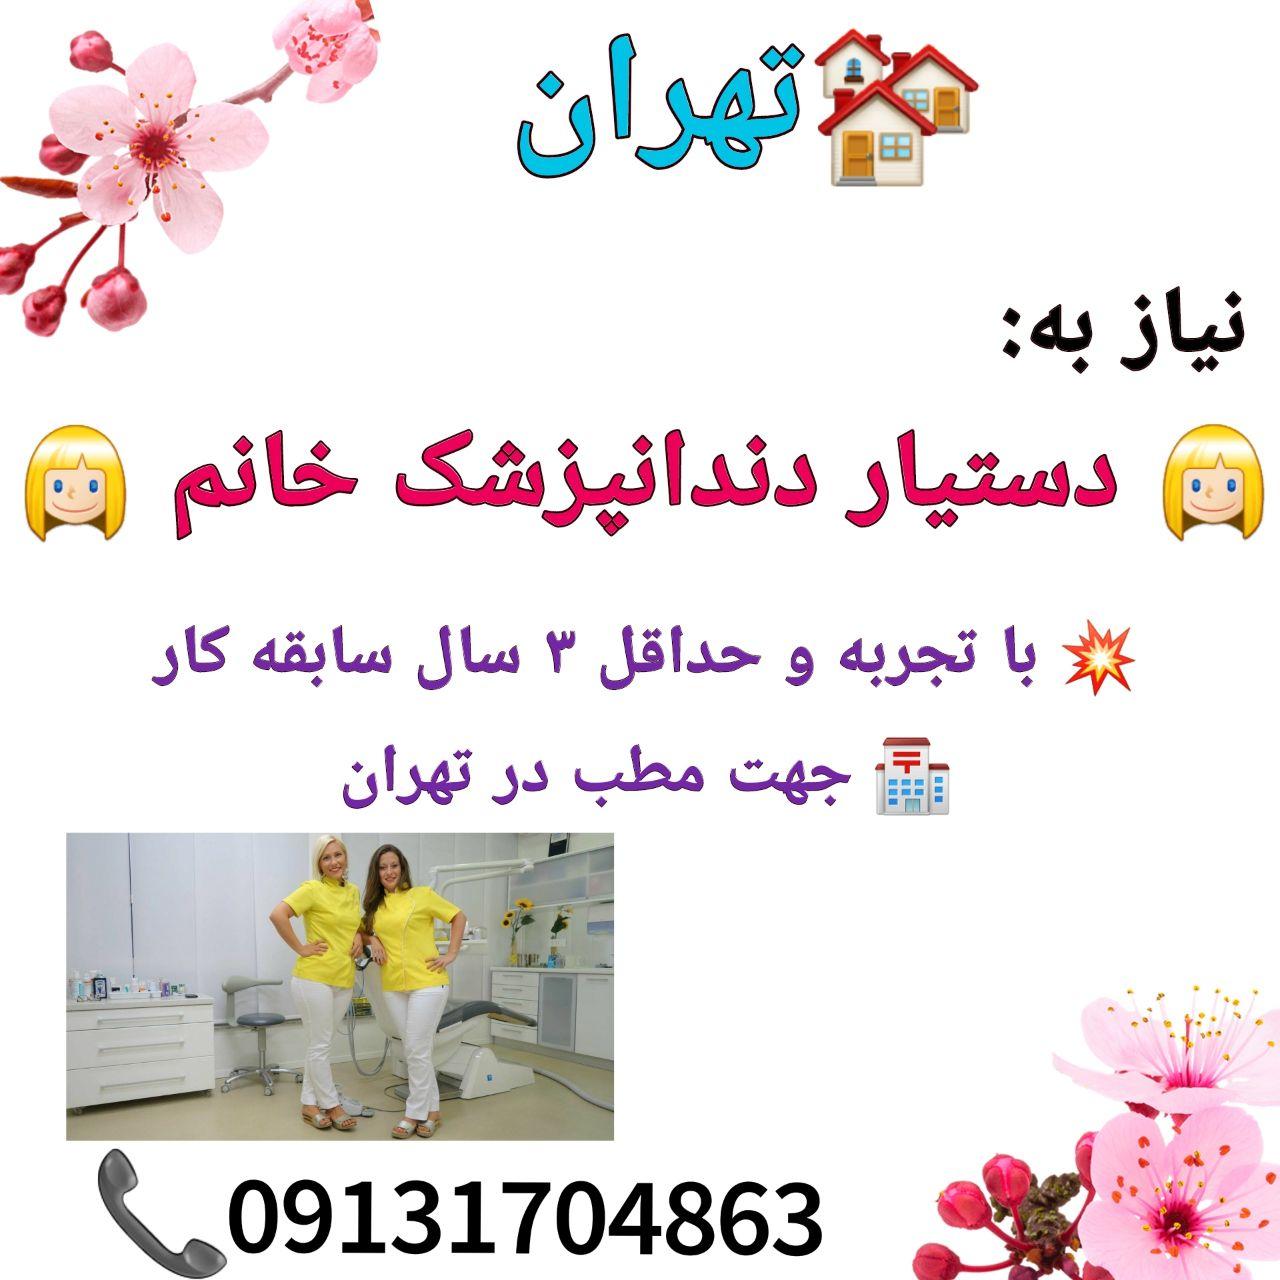 تهران: نیاز به دستیار دندانپزشک خانم